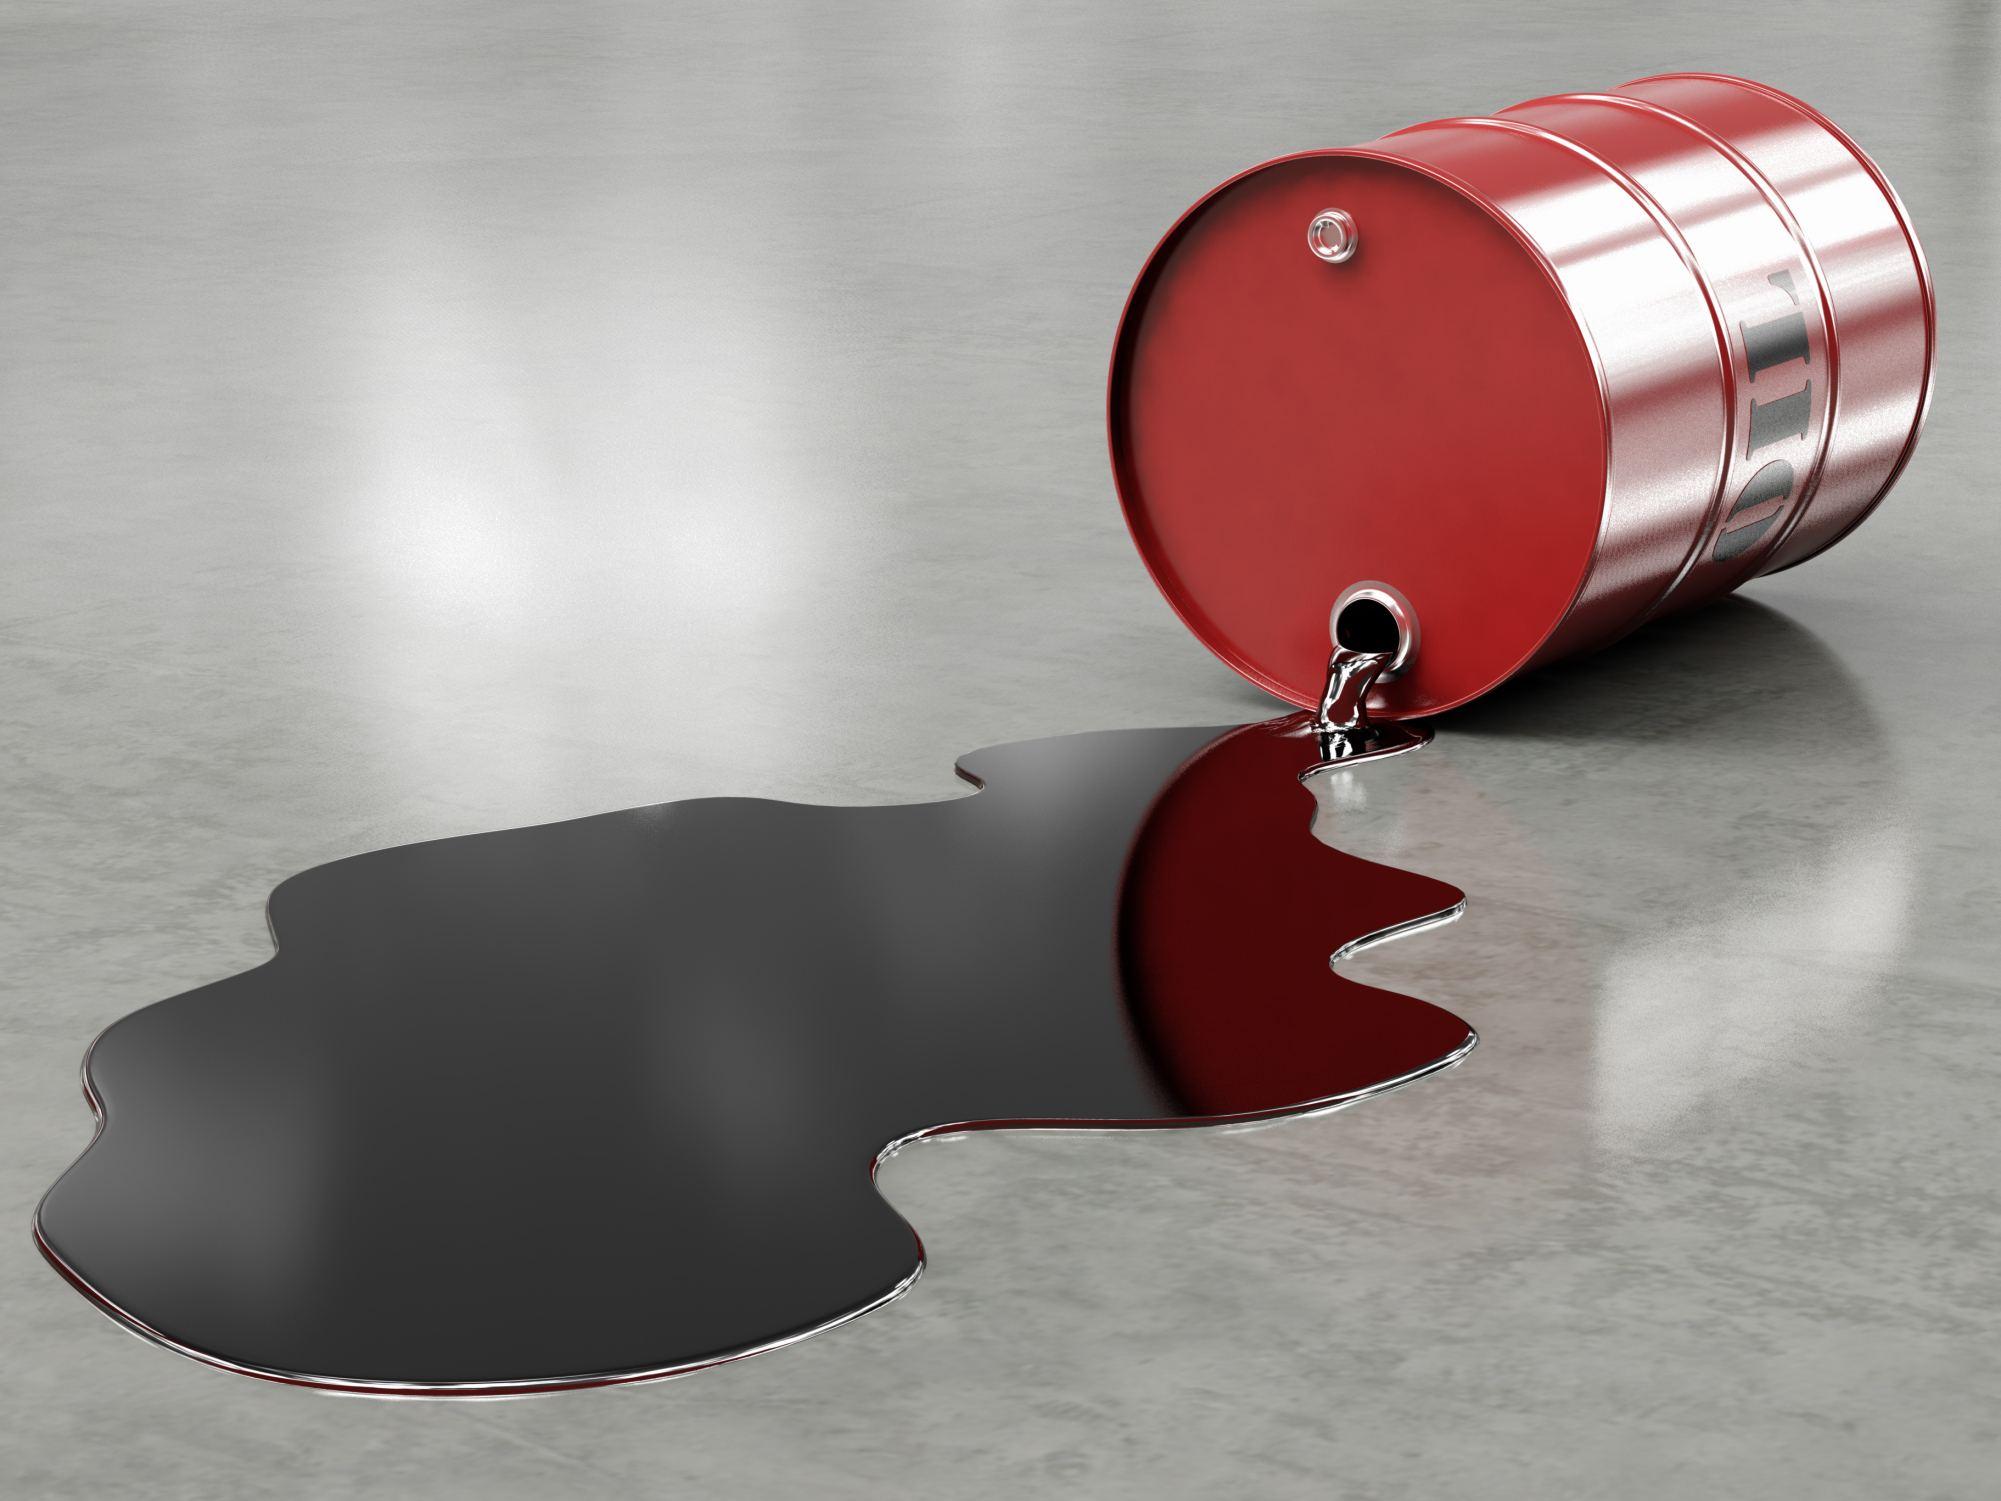 国际油价表现亮眼 未来或进一步上行